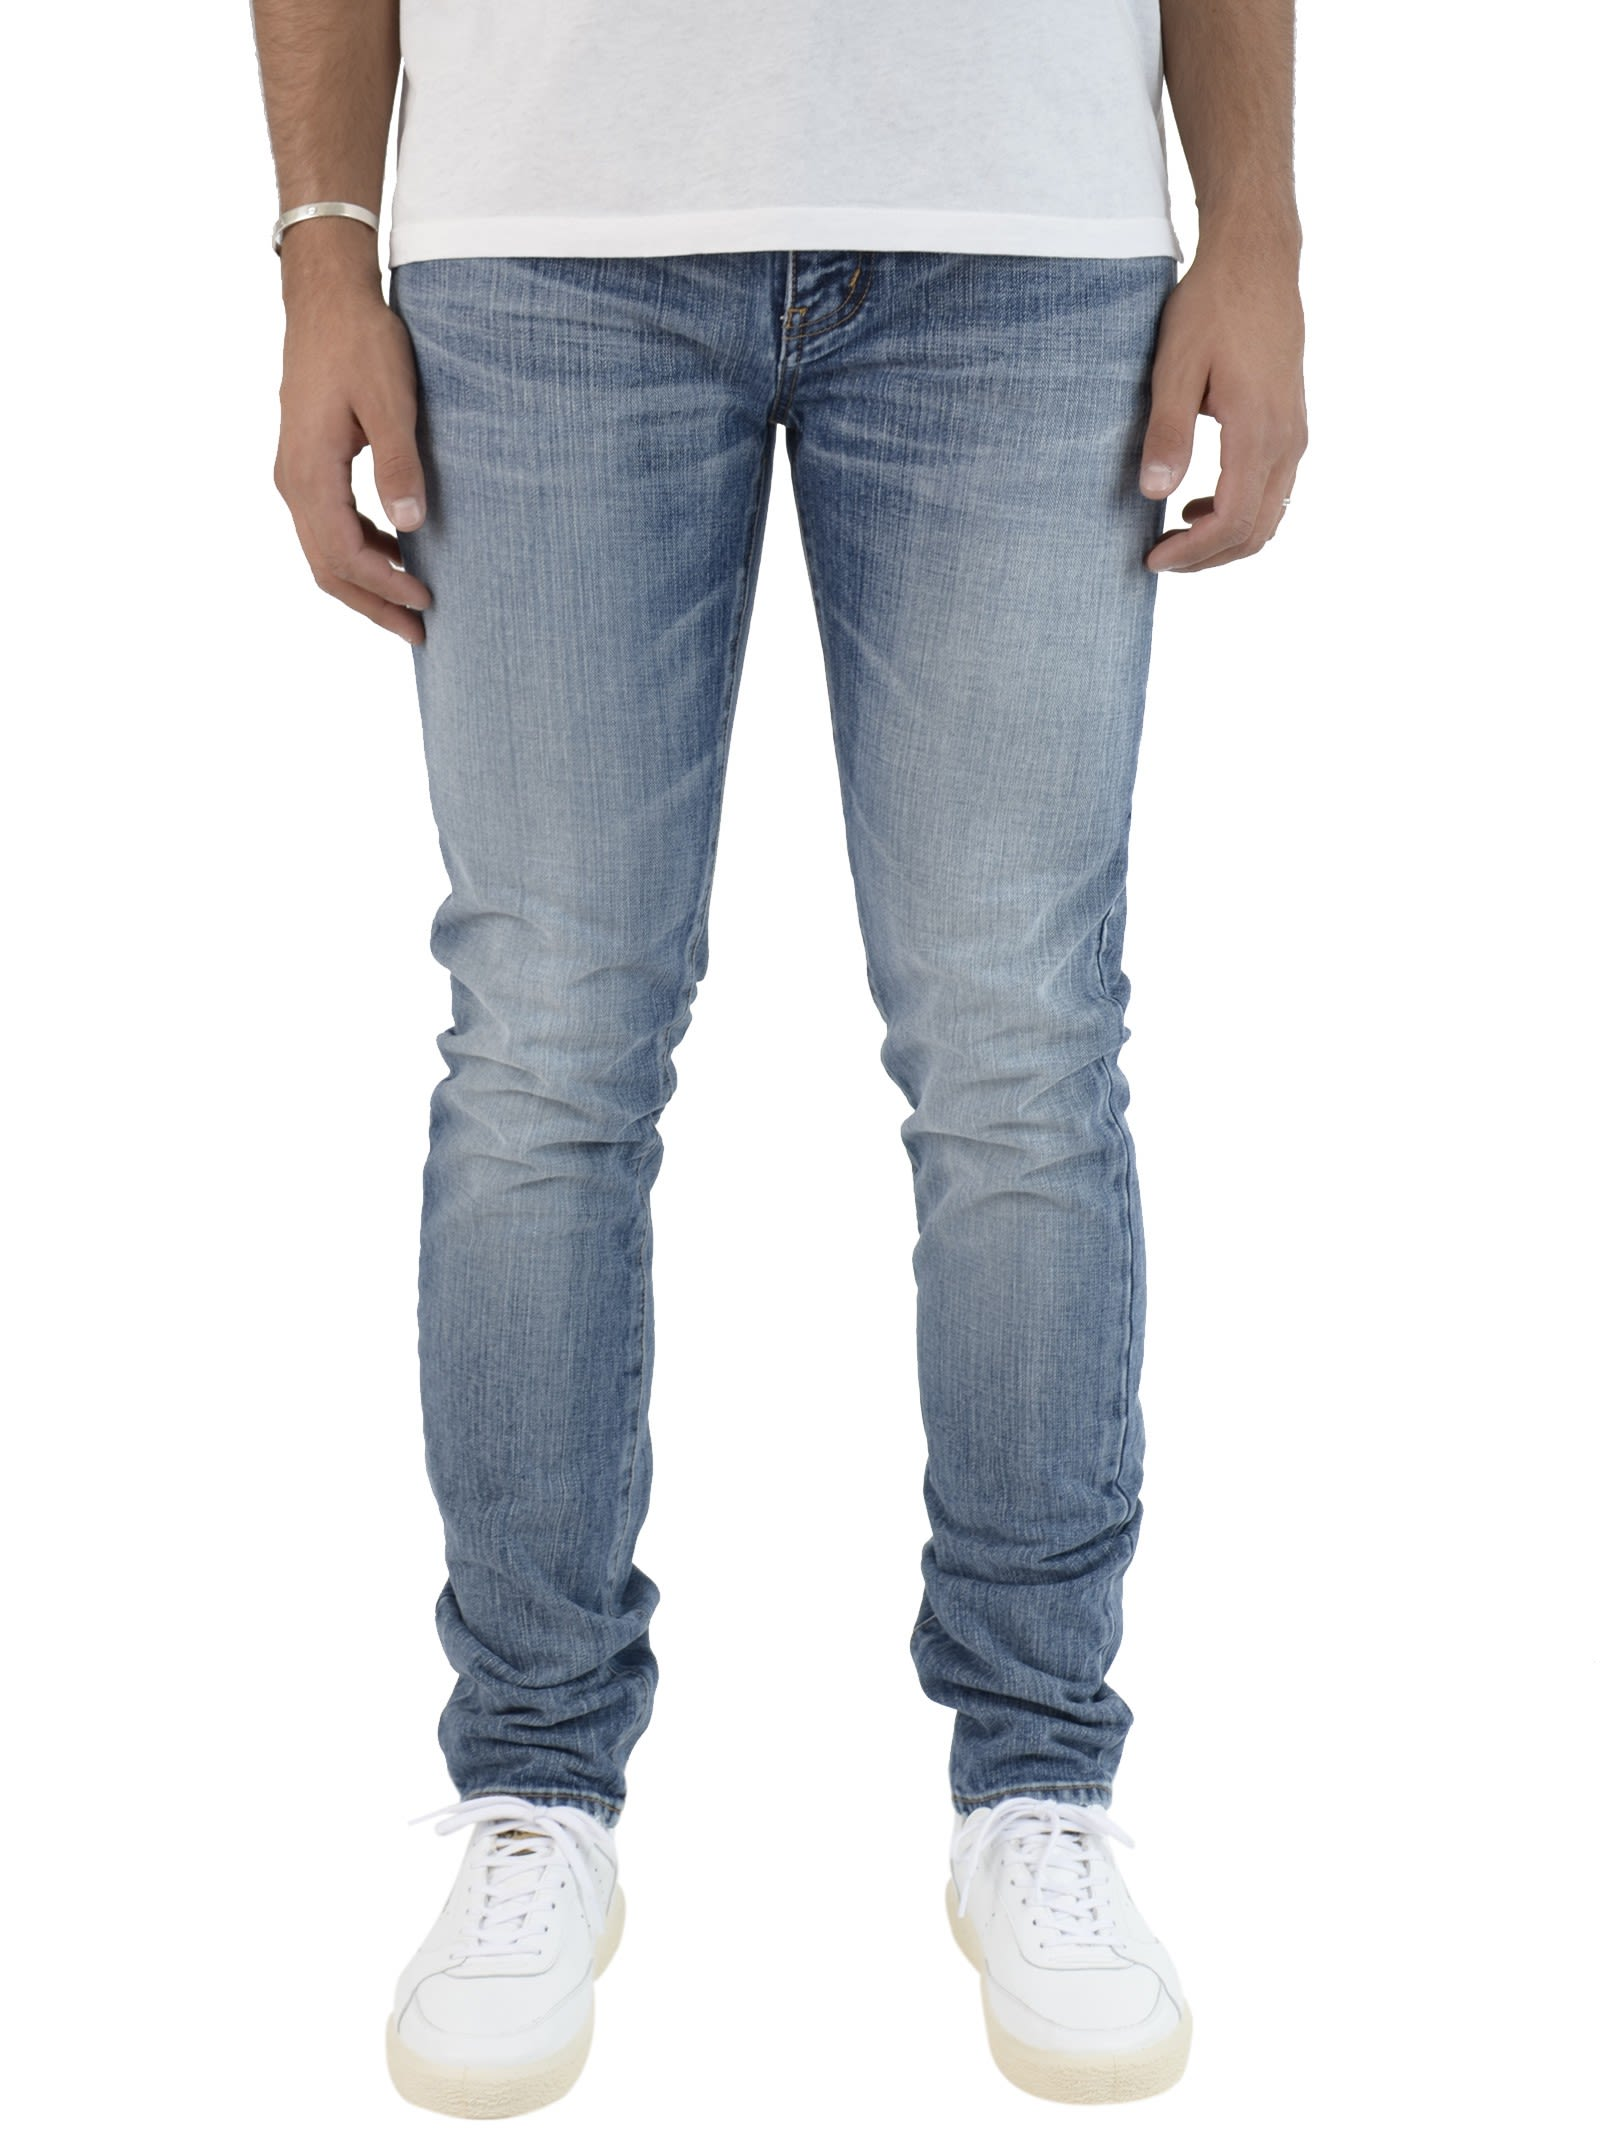 Saint Laurent Medium Blue Logo Patch Jeans 9190115